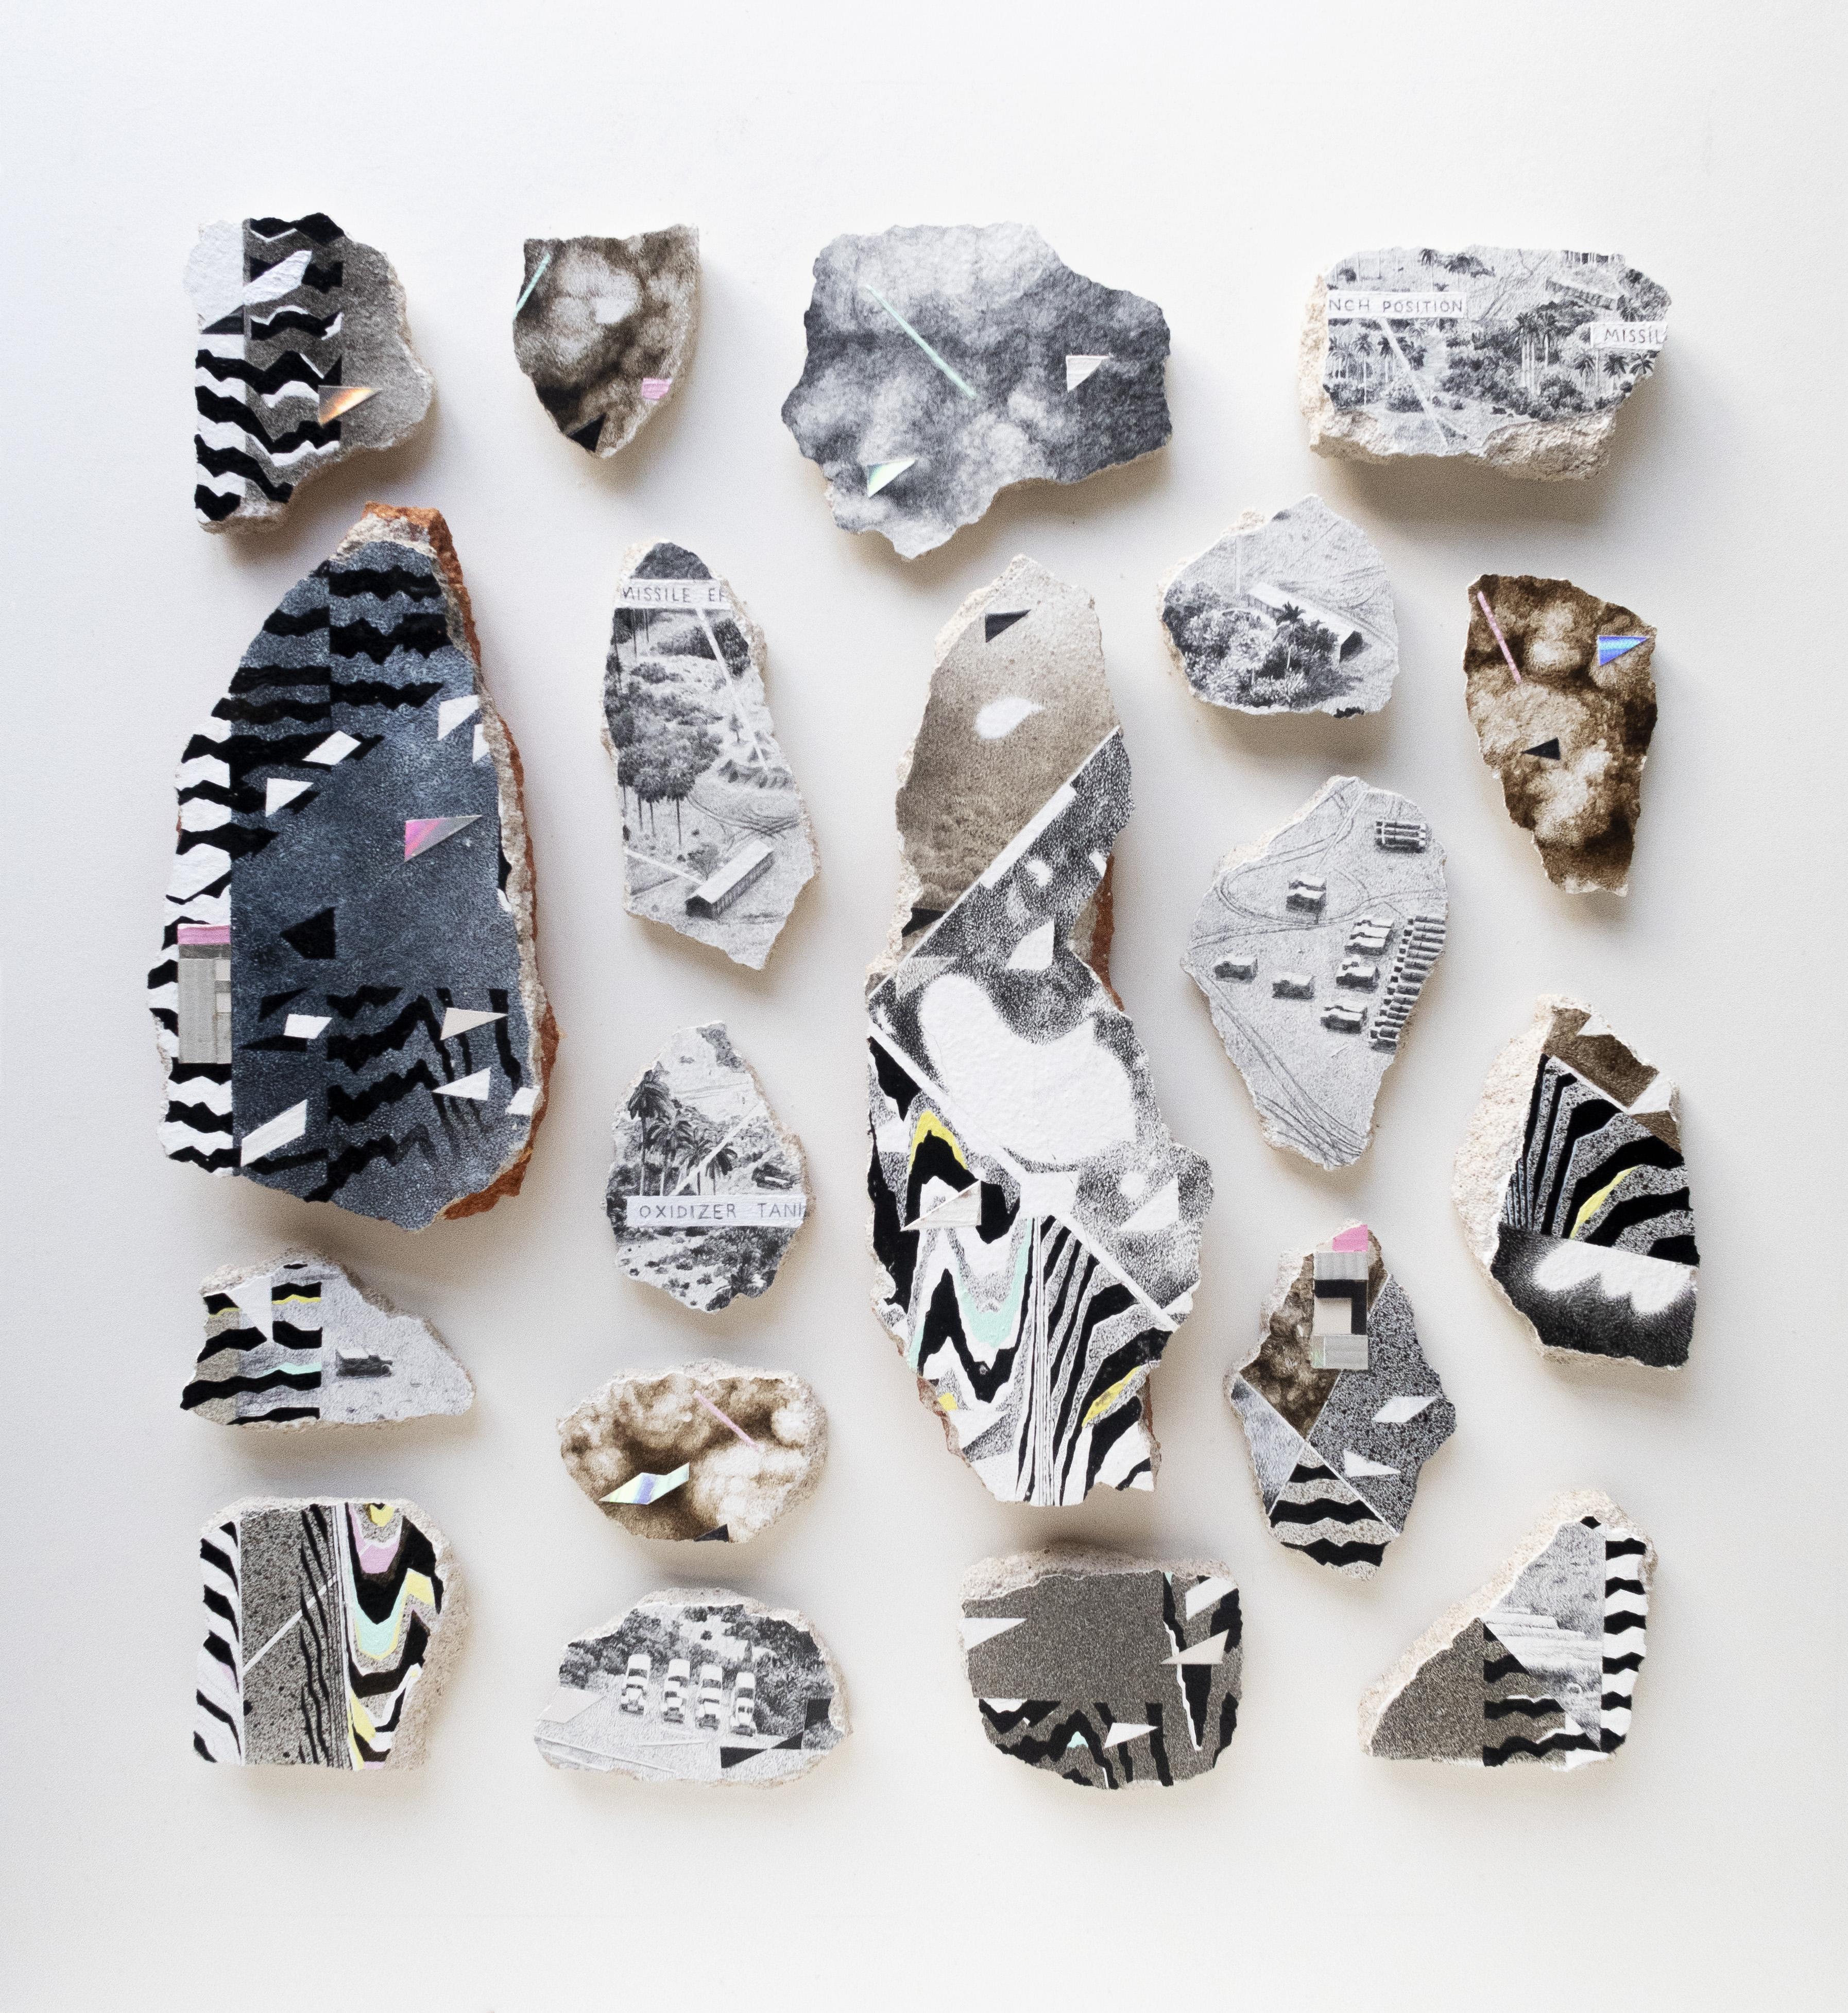 El accidente original, 2021. Acrílico, collage, tinta, grafito y spray sobre fragmentos de pared. Medidas variables.